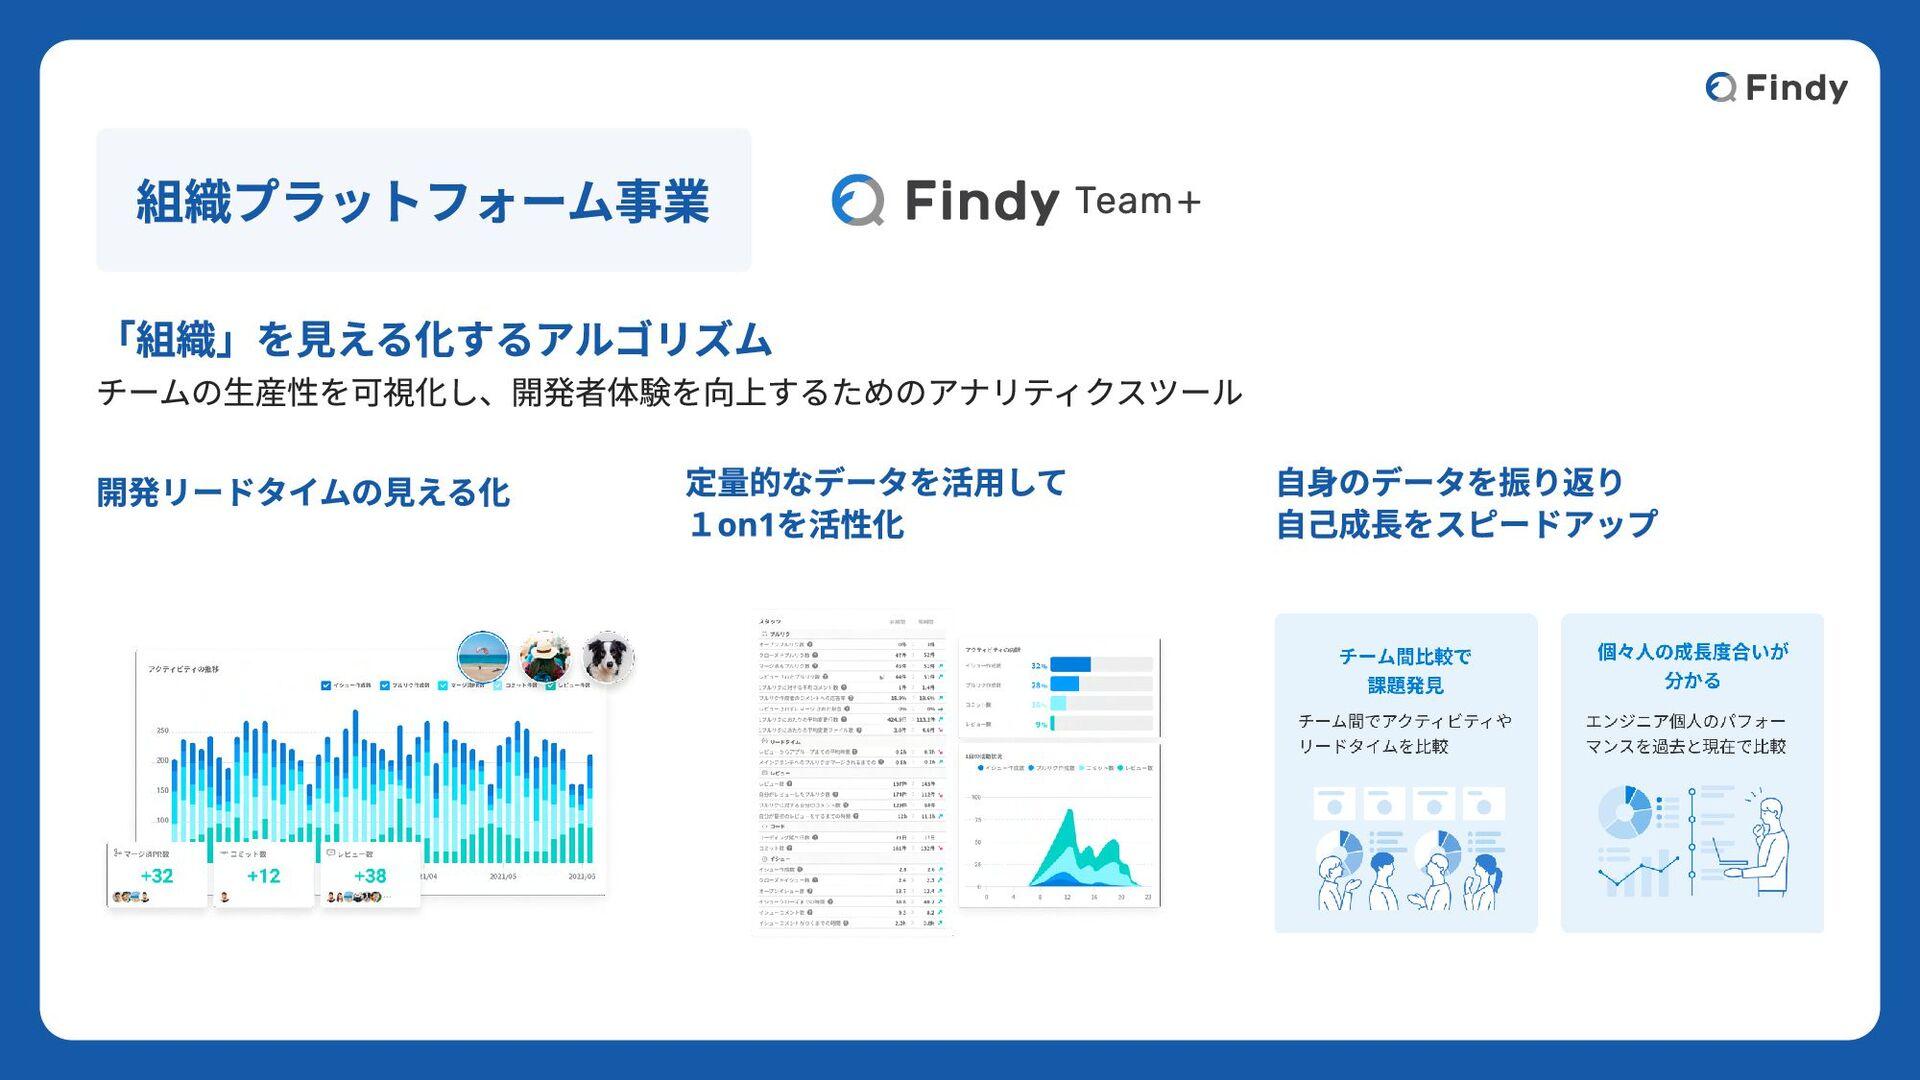 フルタイムメンバー © 2020 Findy,Inc グリー株式 でエンジニア →Findy ...